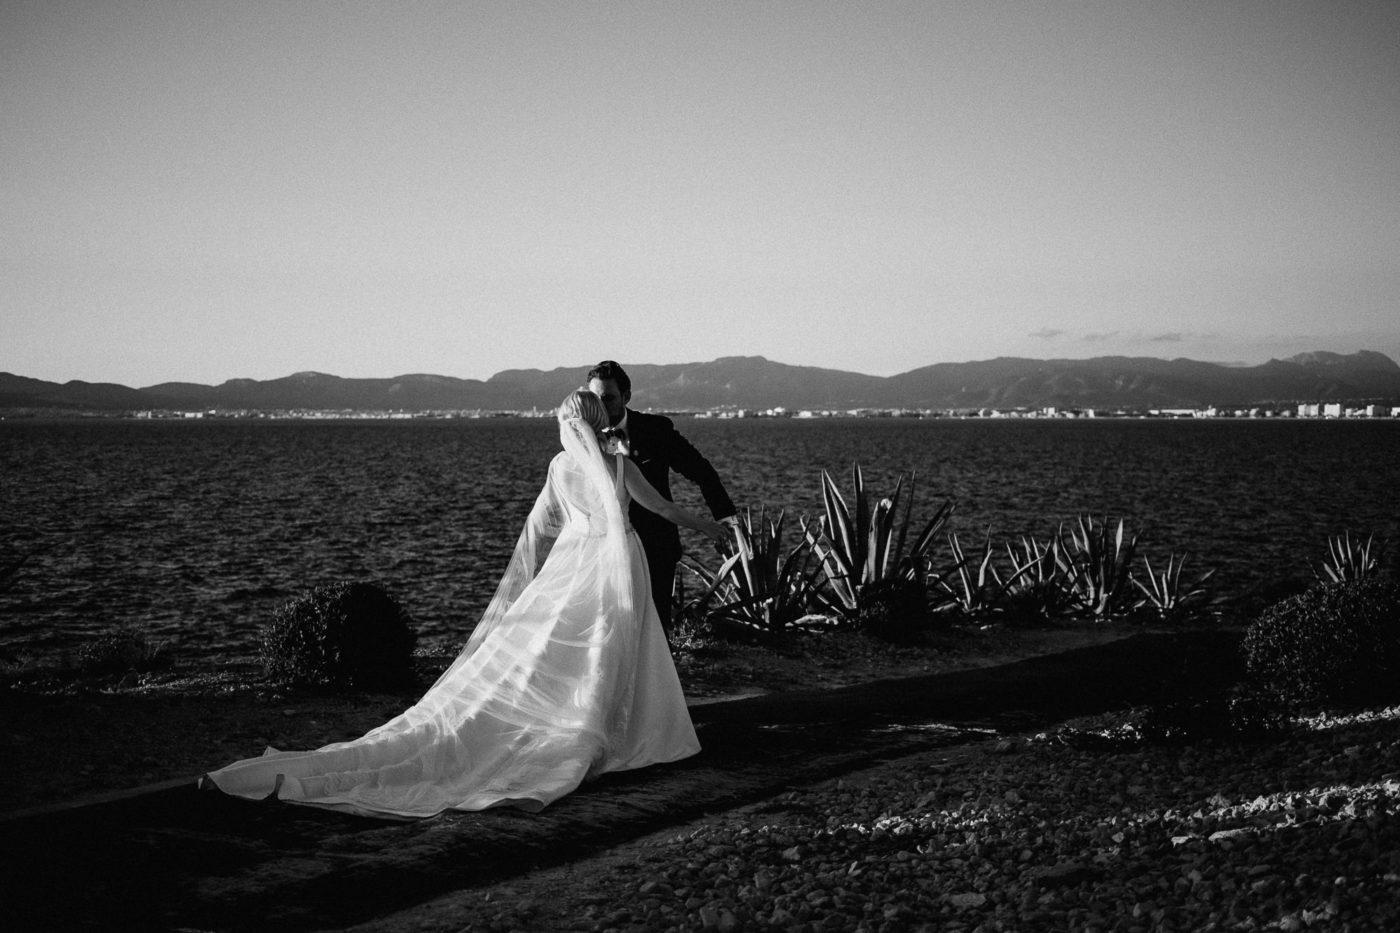 Das Brautpaar küsst sich vor der Meereskulisse